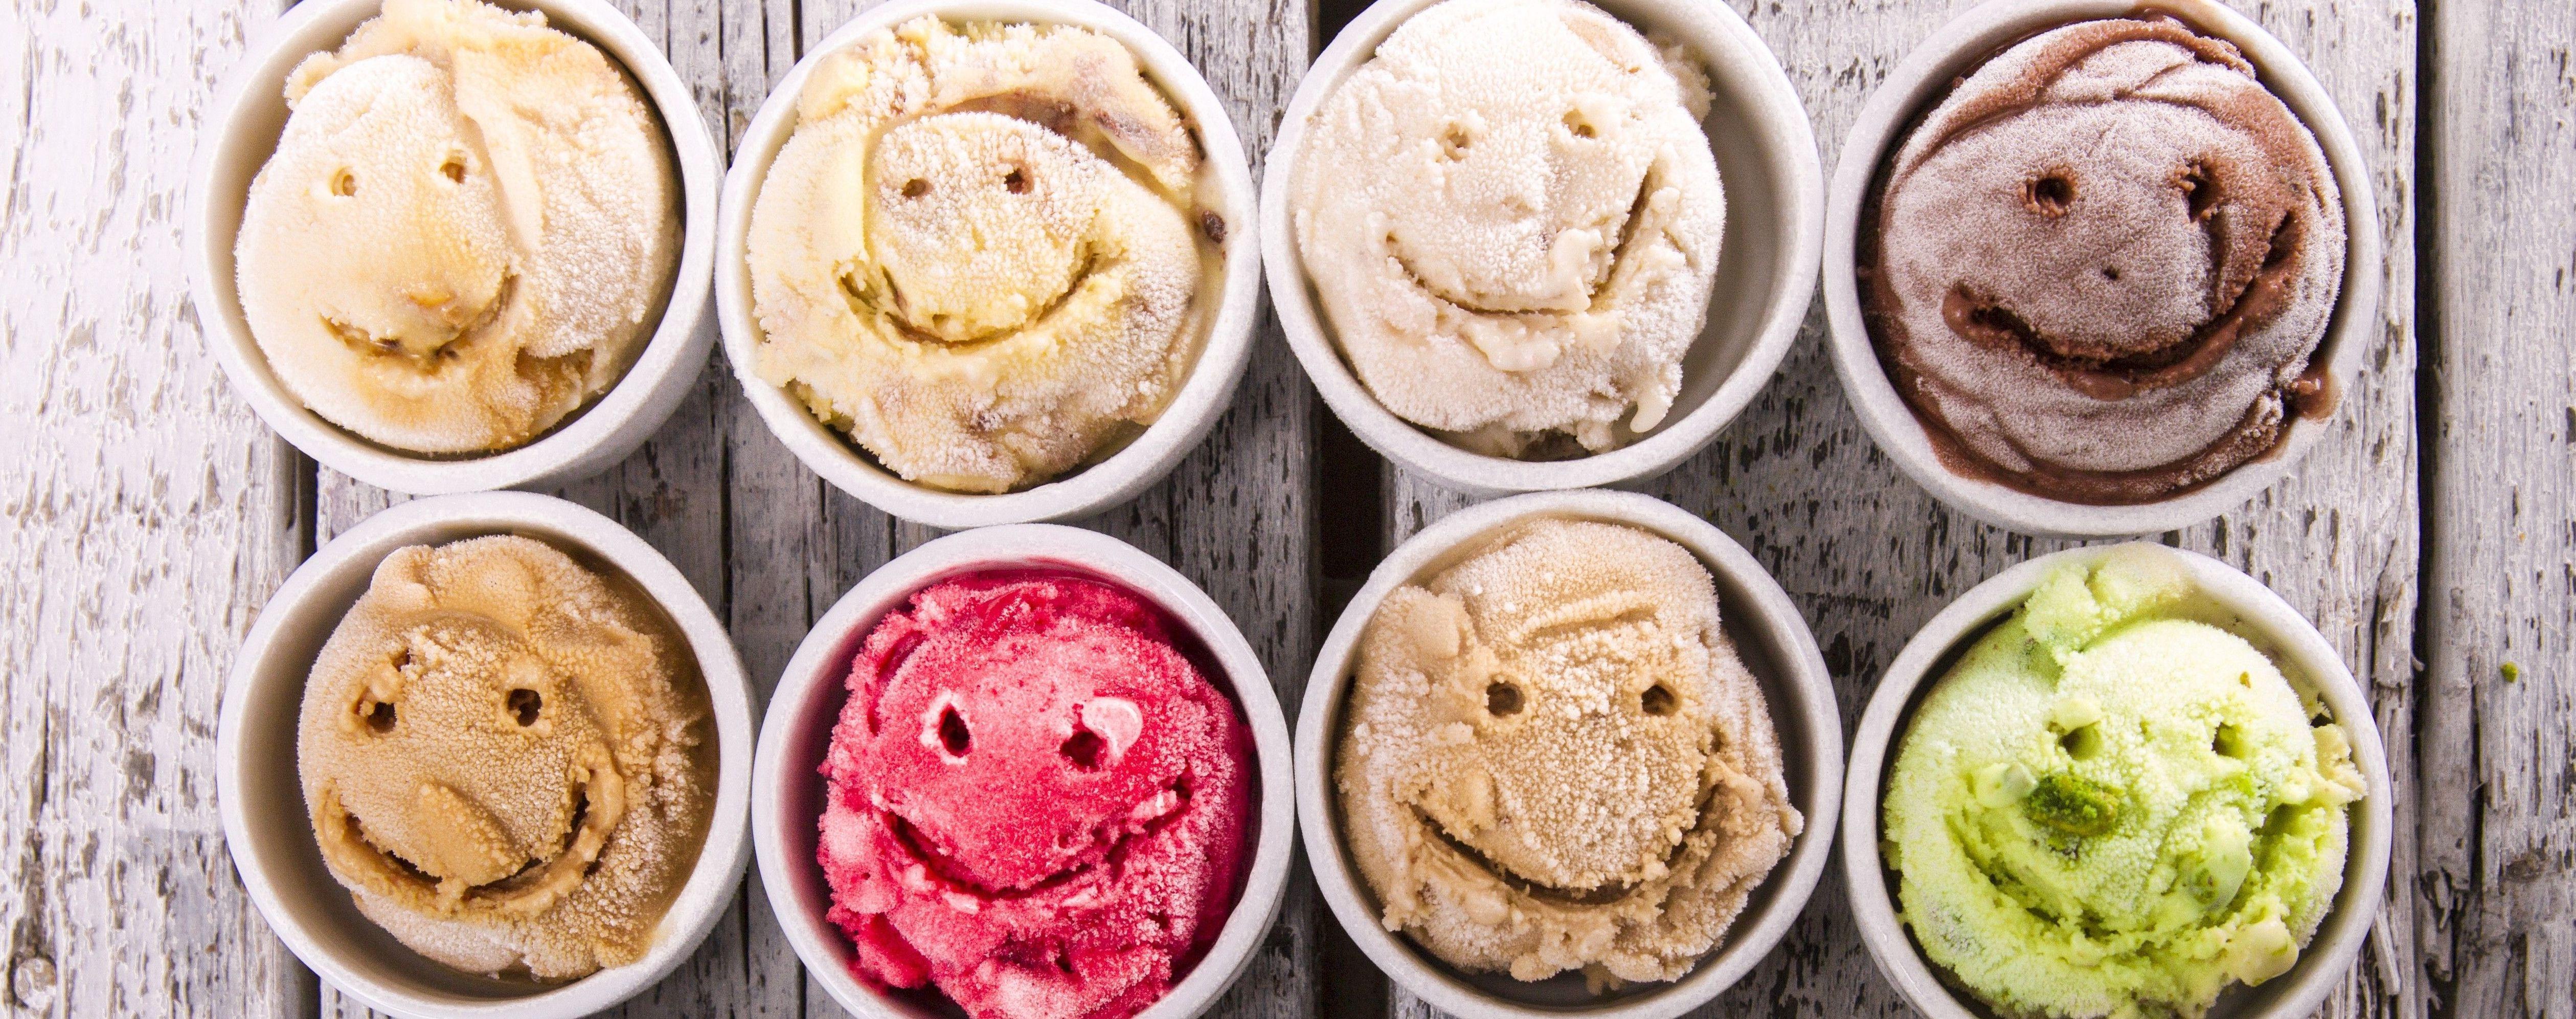 Теория 12 вкусовых оттенков: как поднять себе настроение и не поправиться